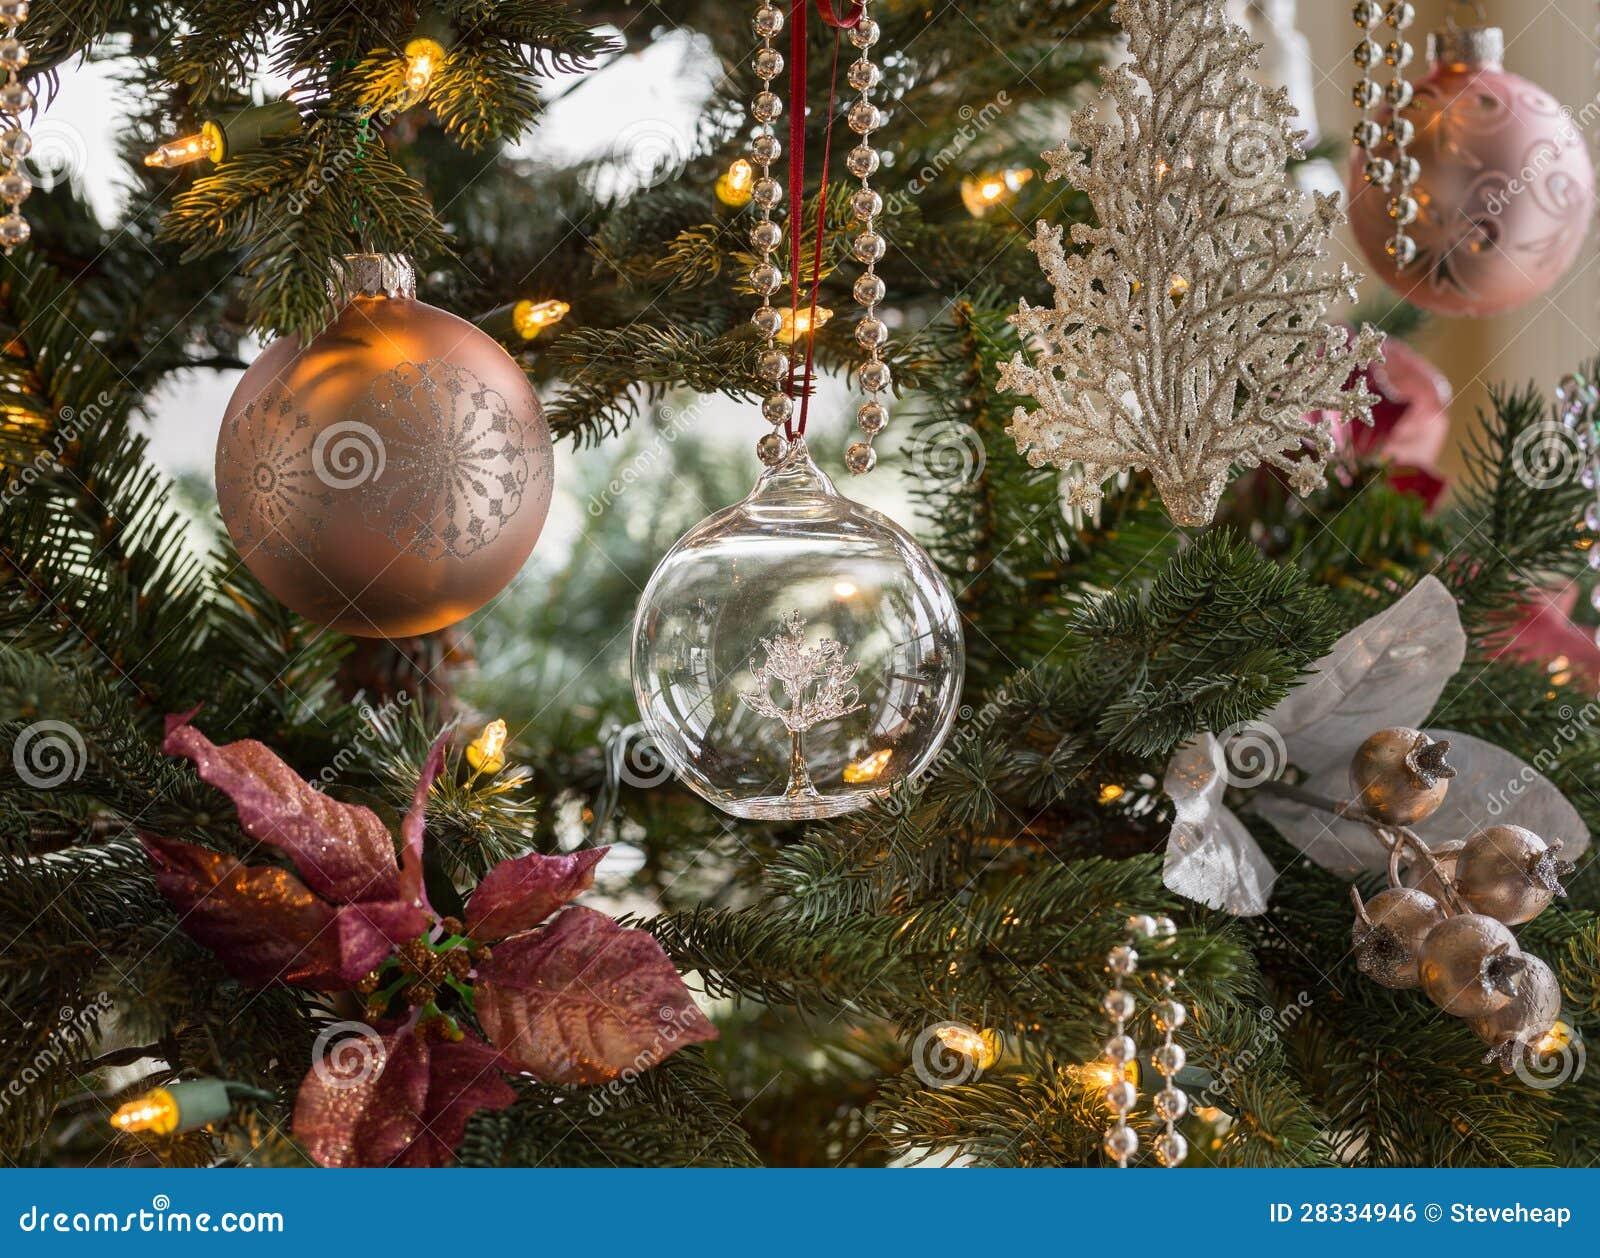 Σφαίρα γυαλιού στη λεπτομέρεια χριστουγεννιάτικων δέντρων